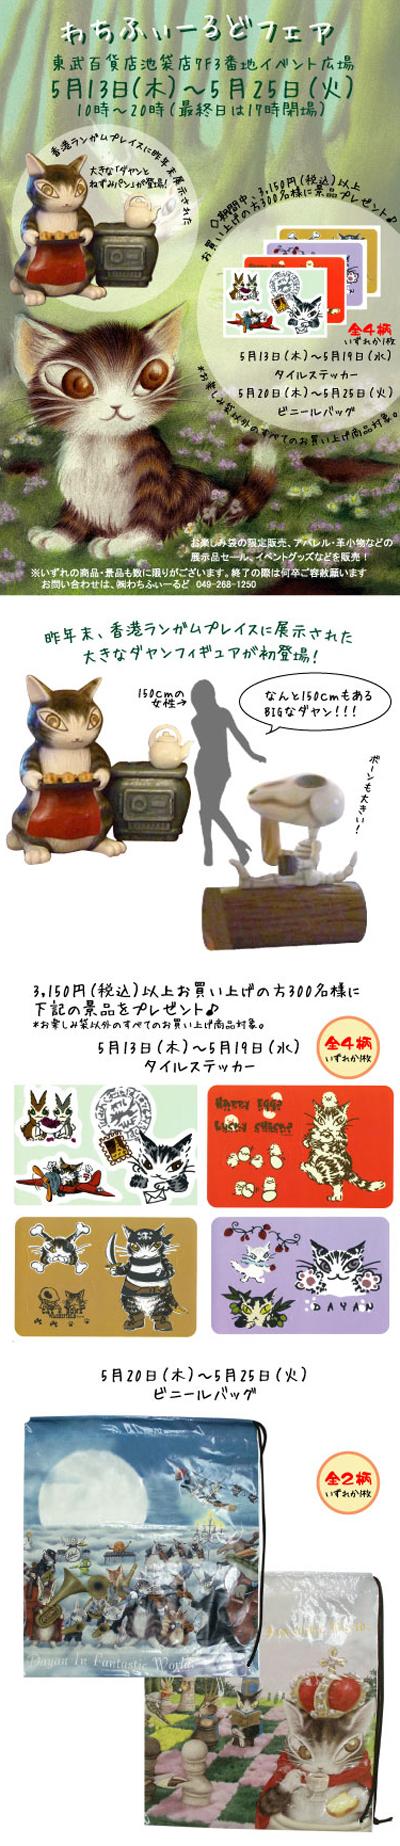 2010東武春web.jpg